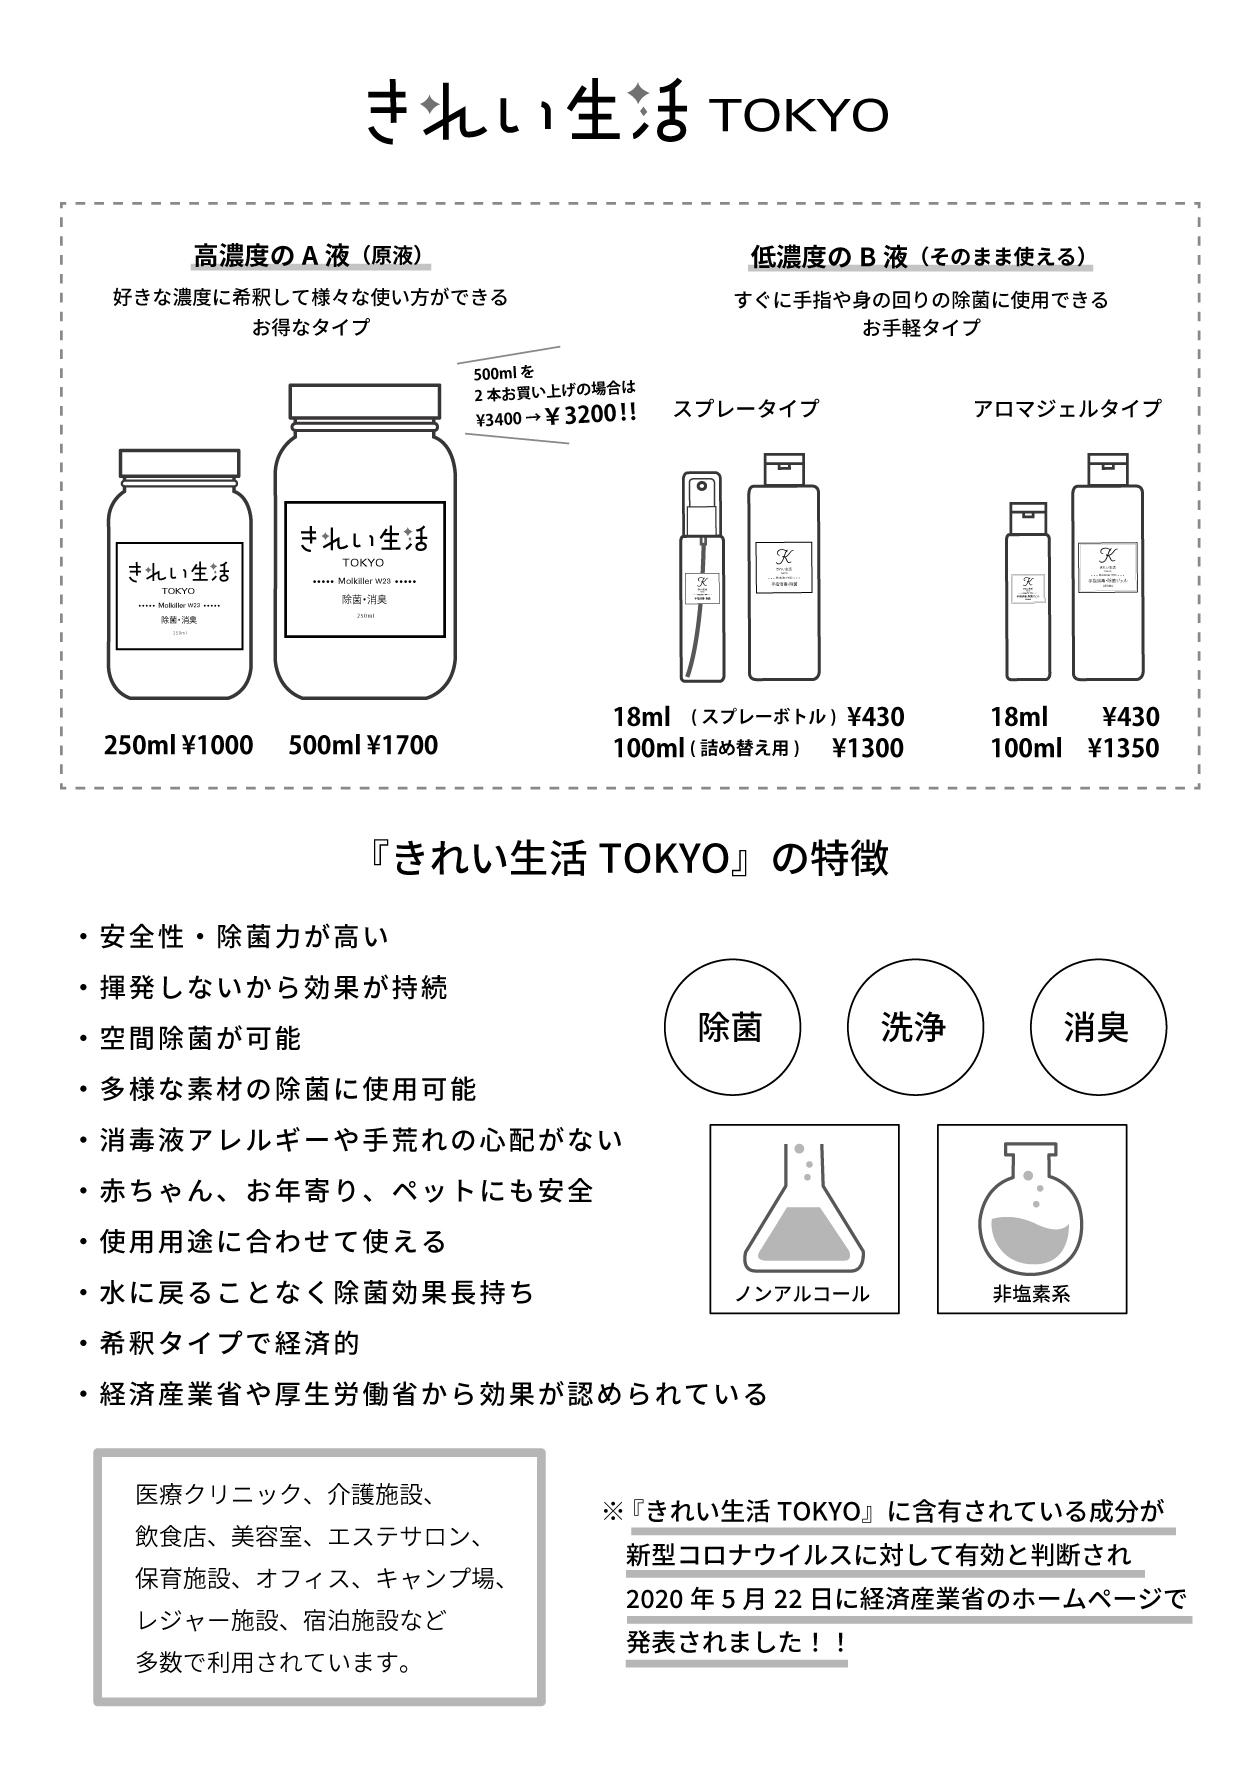 『きれい生活TOKYO』の特徴